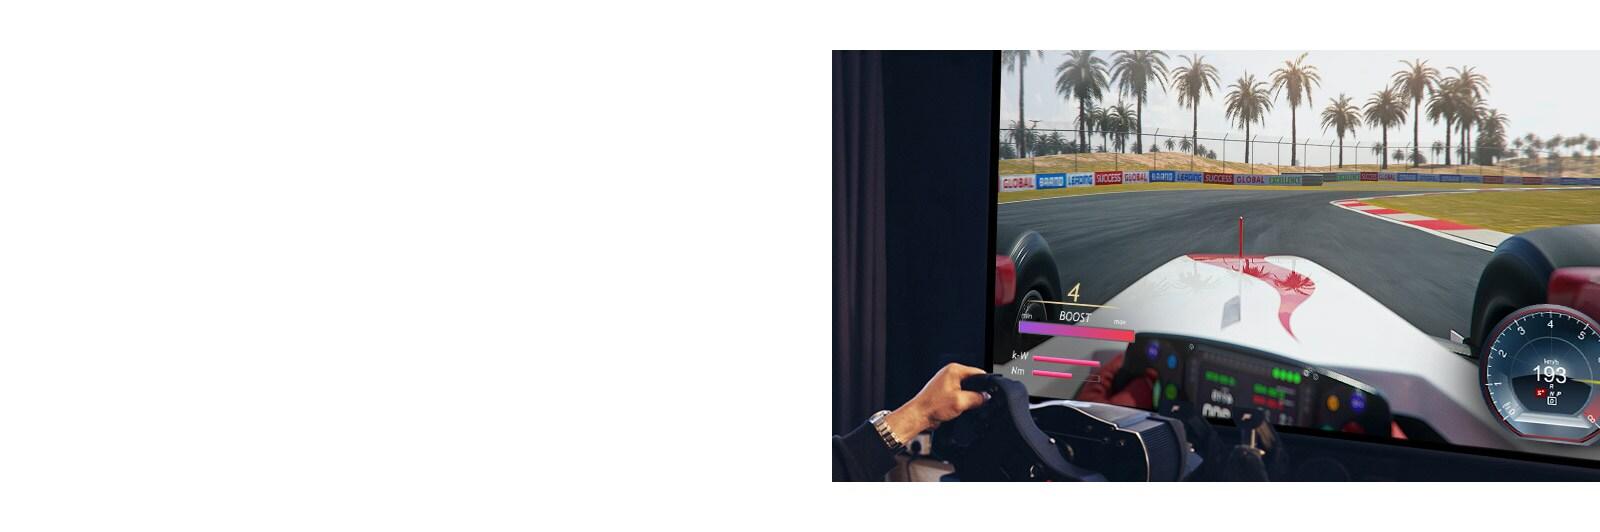 מבט תקריב על שחקן שאוחז בהגה משחק תוך כדי שהוא משחק במרוץ מכוניות על מסך הטלוויזיה.